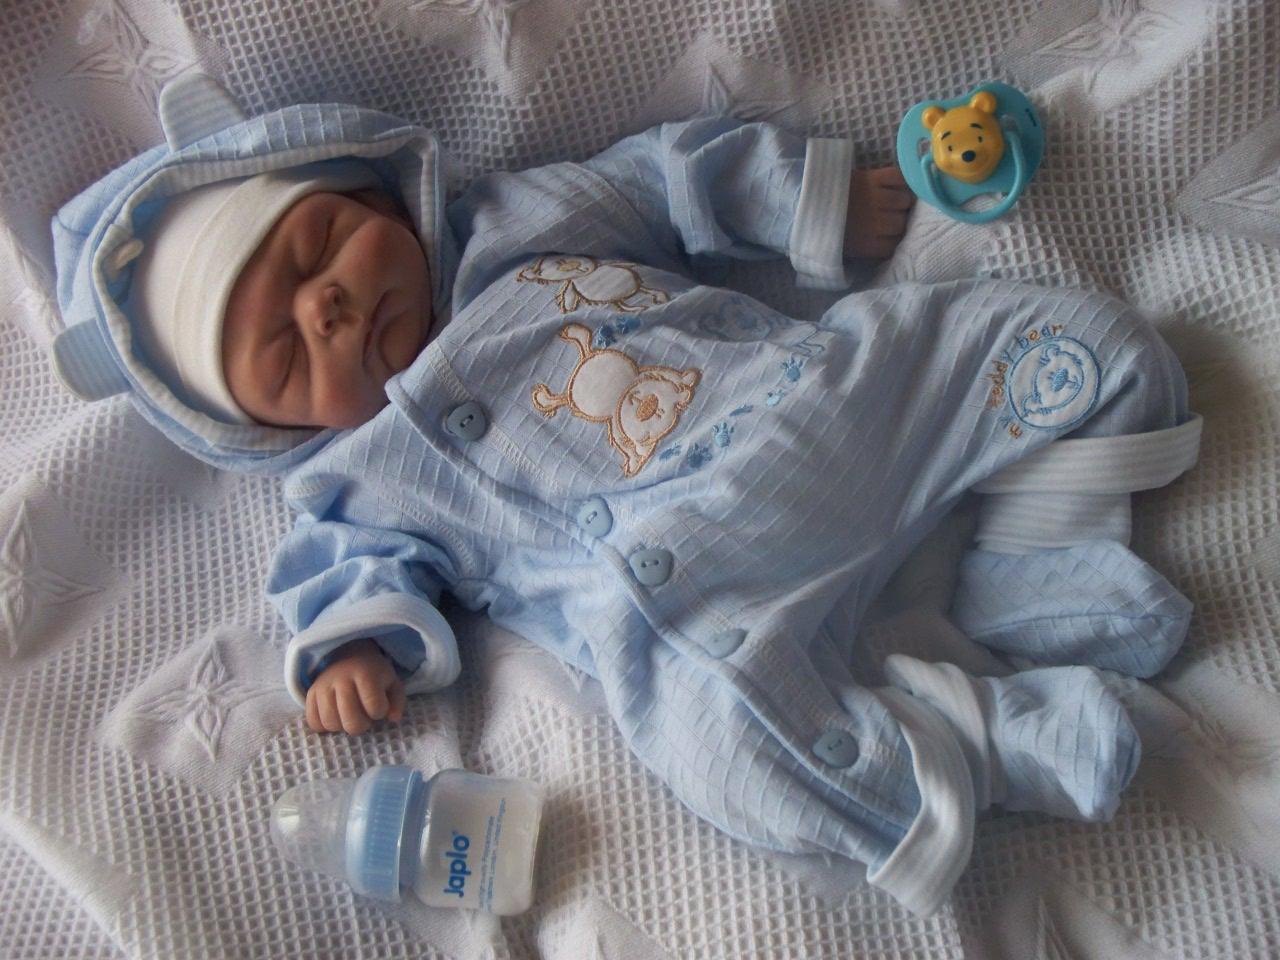 Primeros días en casa del bebé prematuro - Bebé feliz